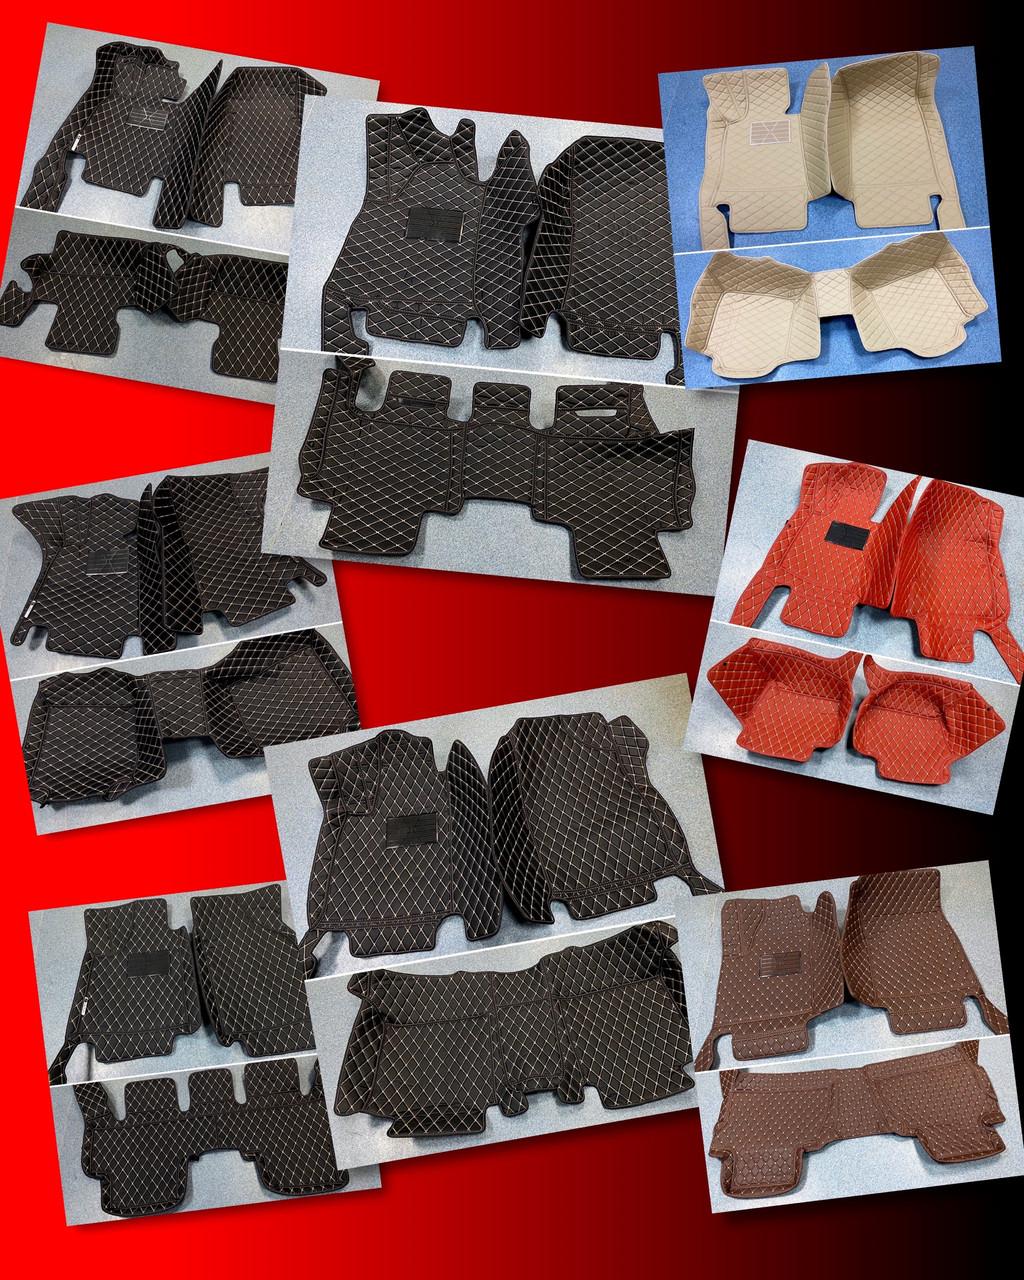 Комплект ковриков из экокожи для Audi Q7, от 2010 года